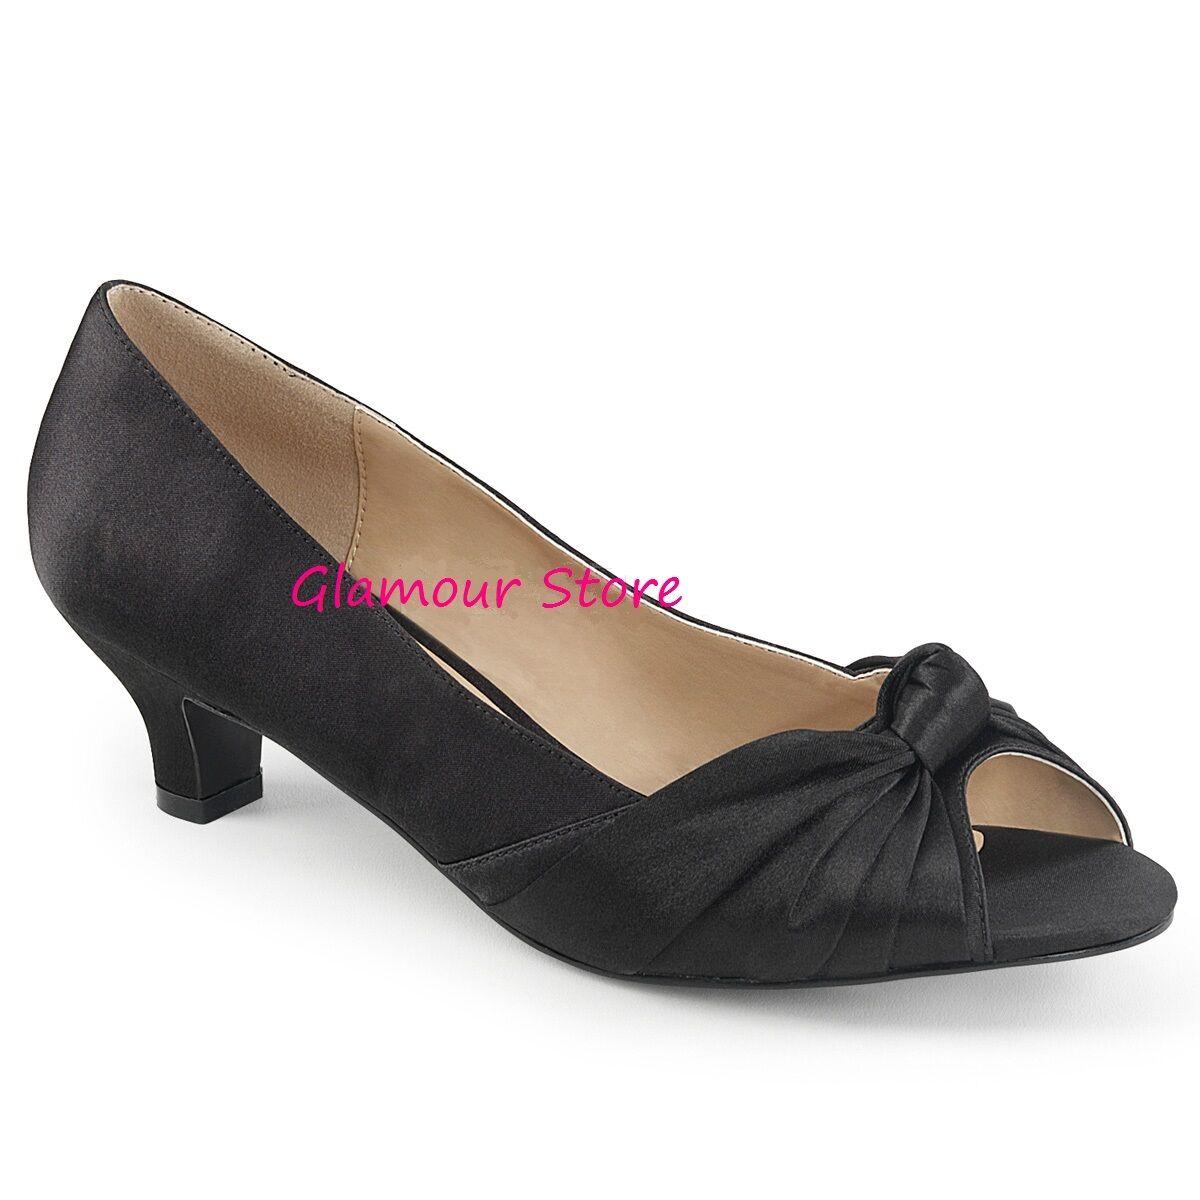 DECOLTE' DECOLTE' DECOLTE' tacco 5 cm NERO SATIN dal 39 al 46 scarpe SEXY chic fashion GLAMOUR 855fef